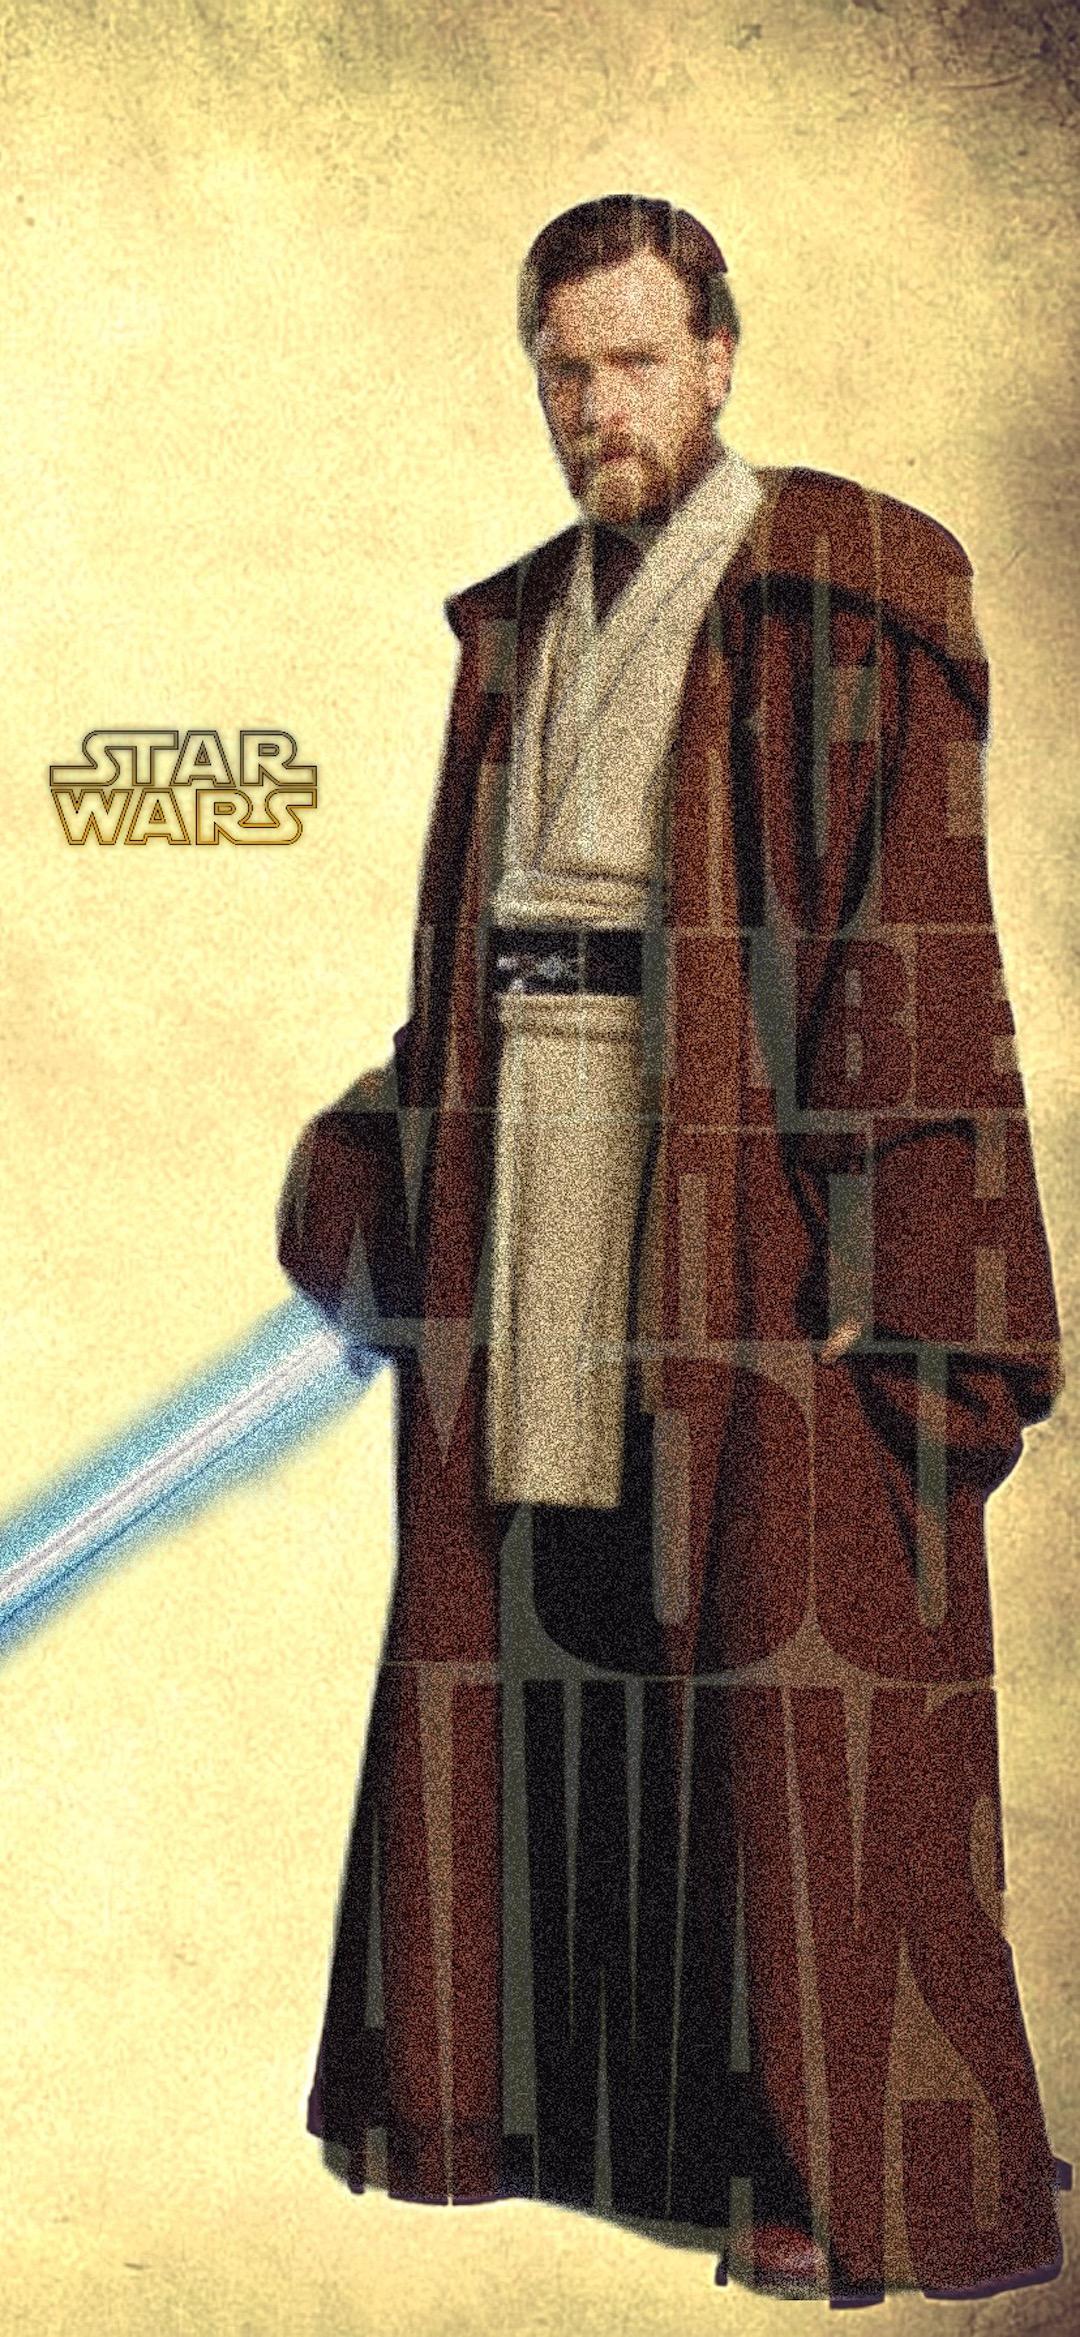 Star Wars Fan Wallpaper Creations